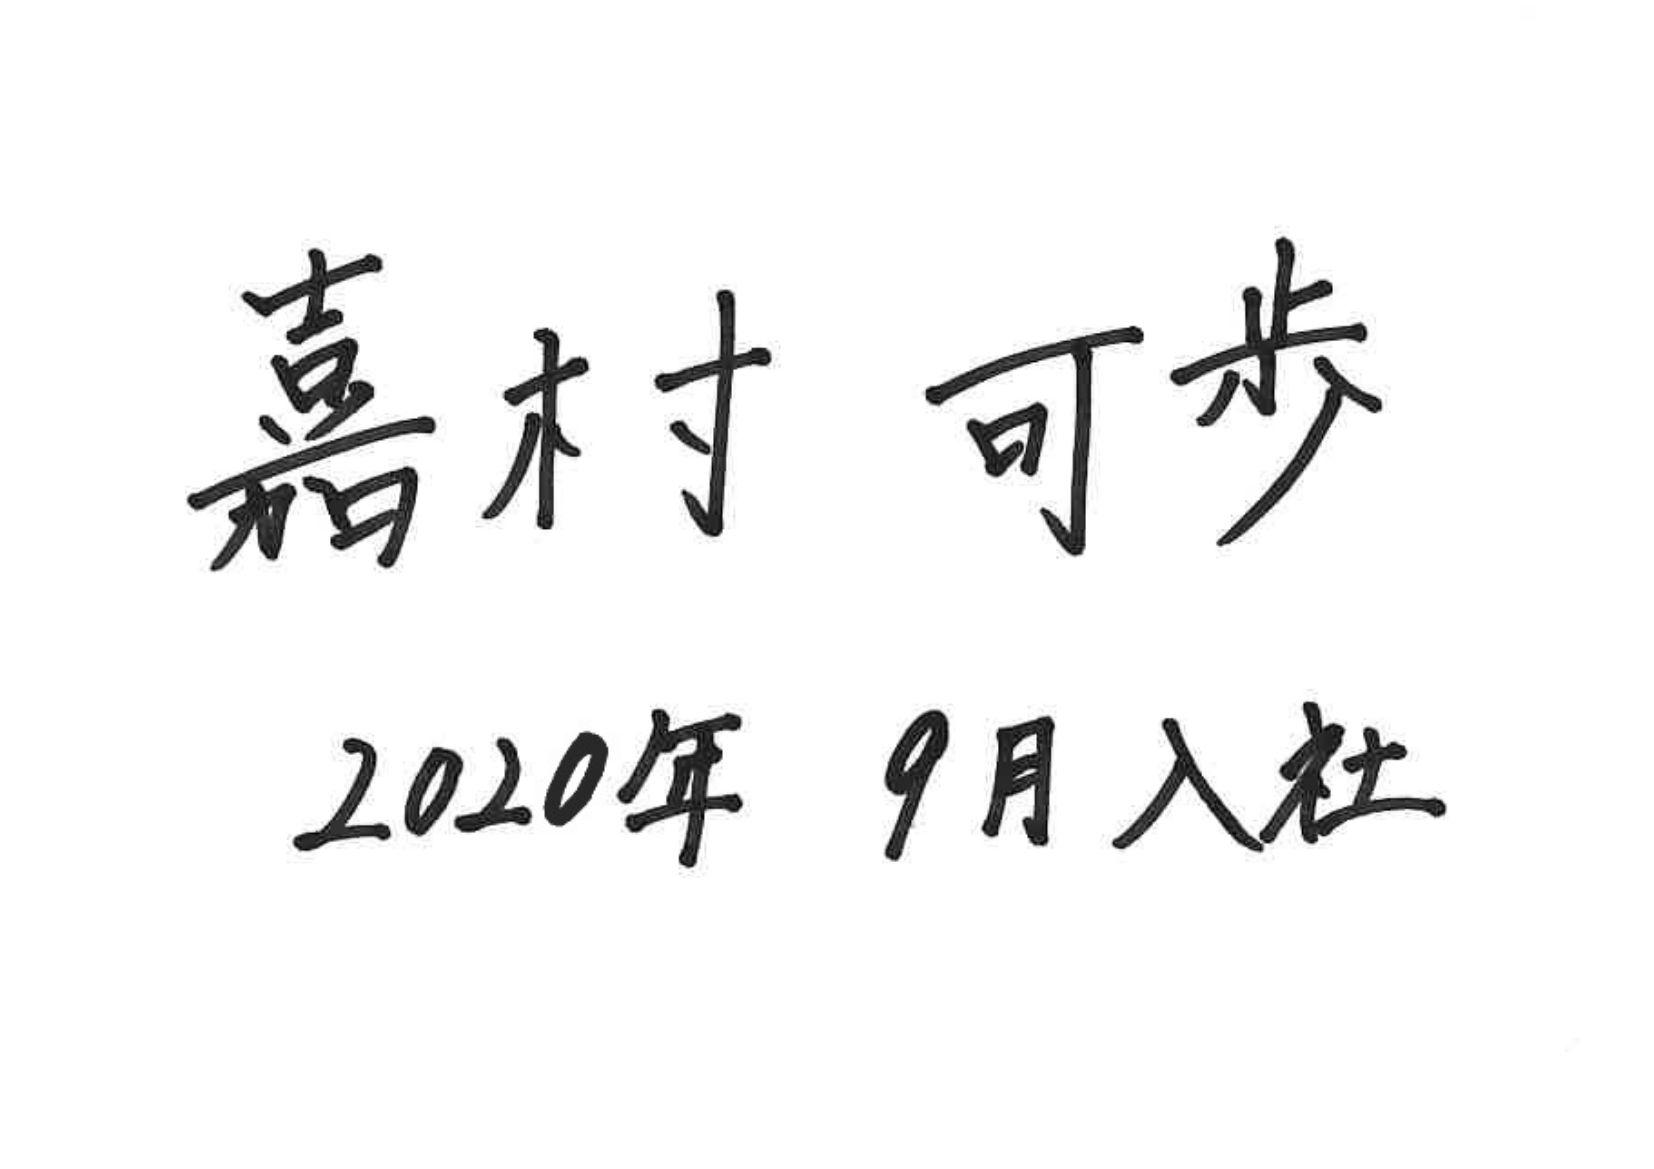 嘉村 可歩     2020年9月14日入社